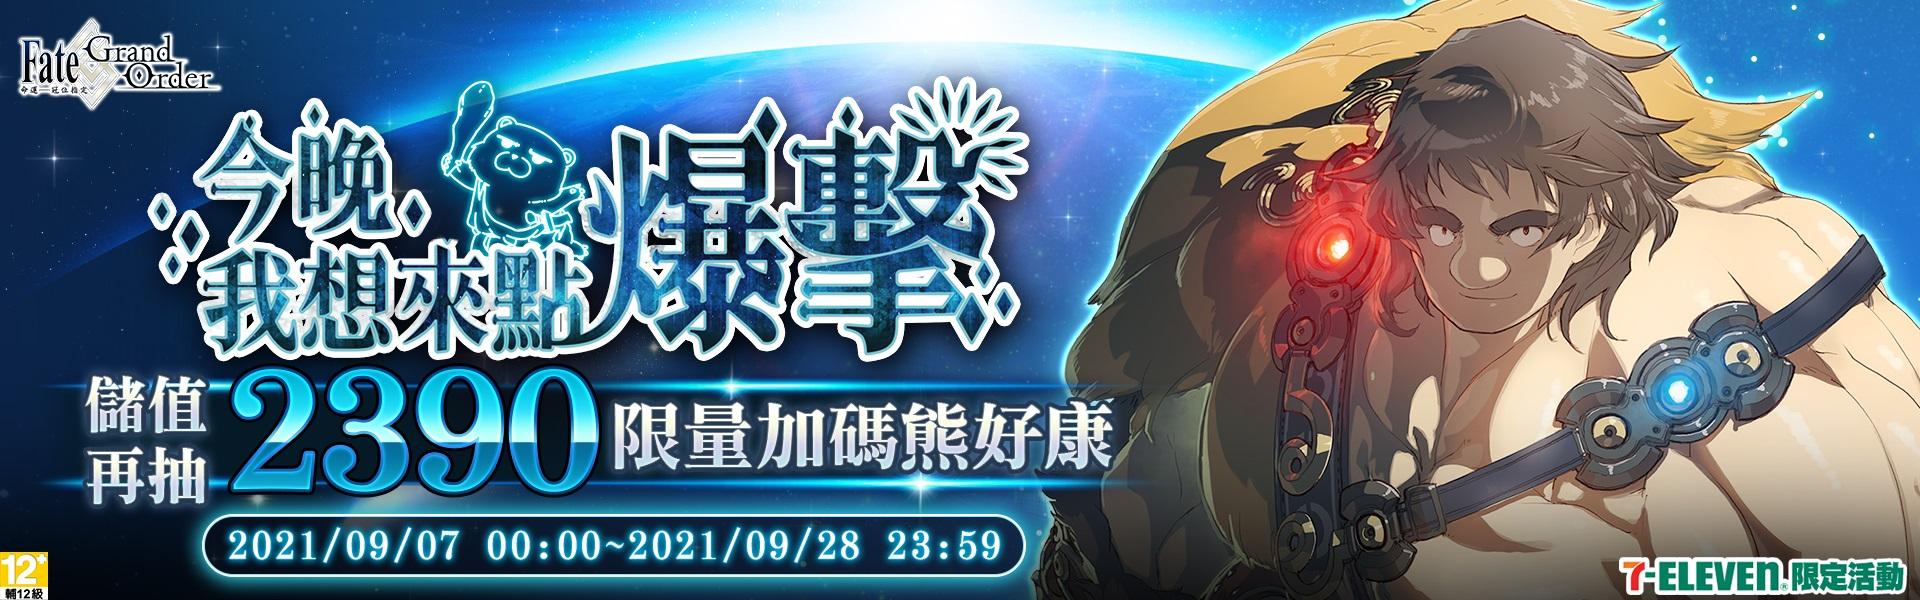 《Fate/Grand Order》今晚~我想來點暴擊  7-ELEVEN